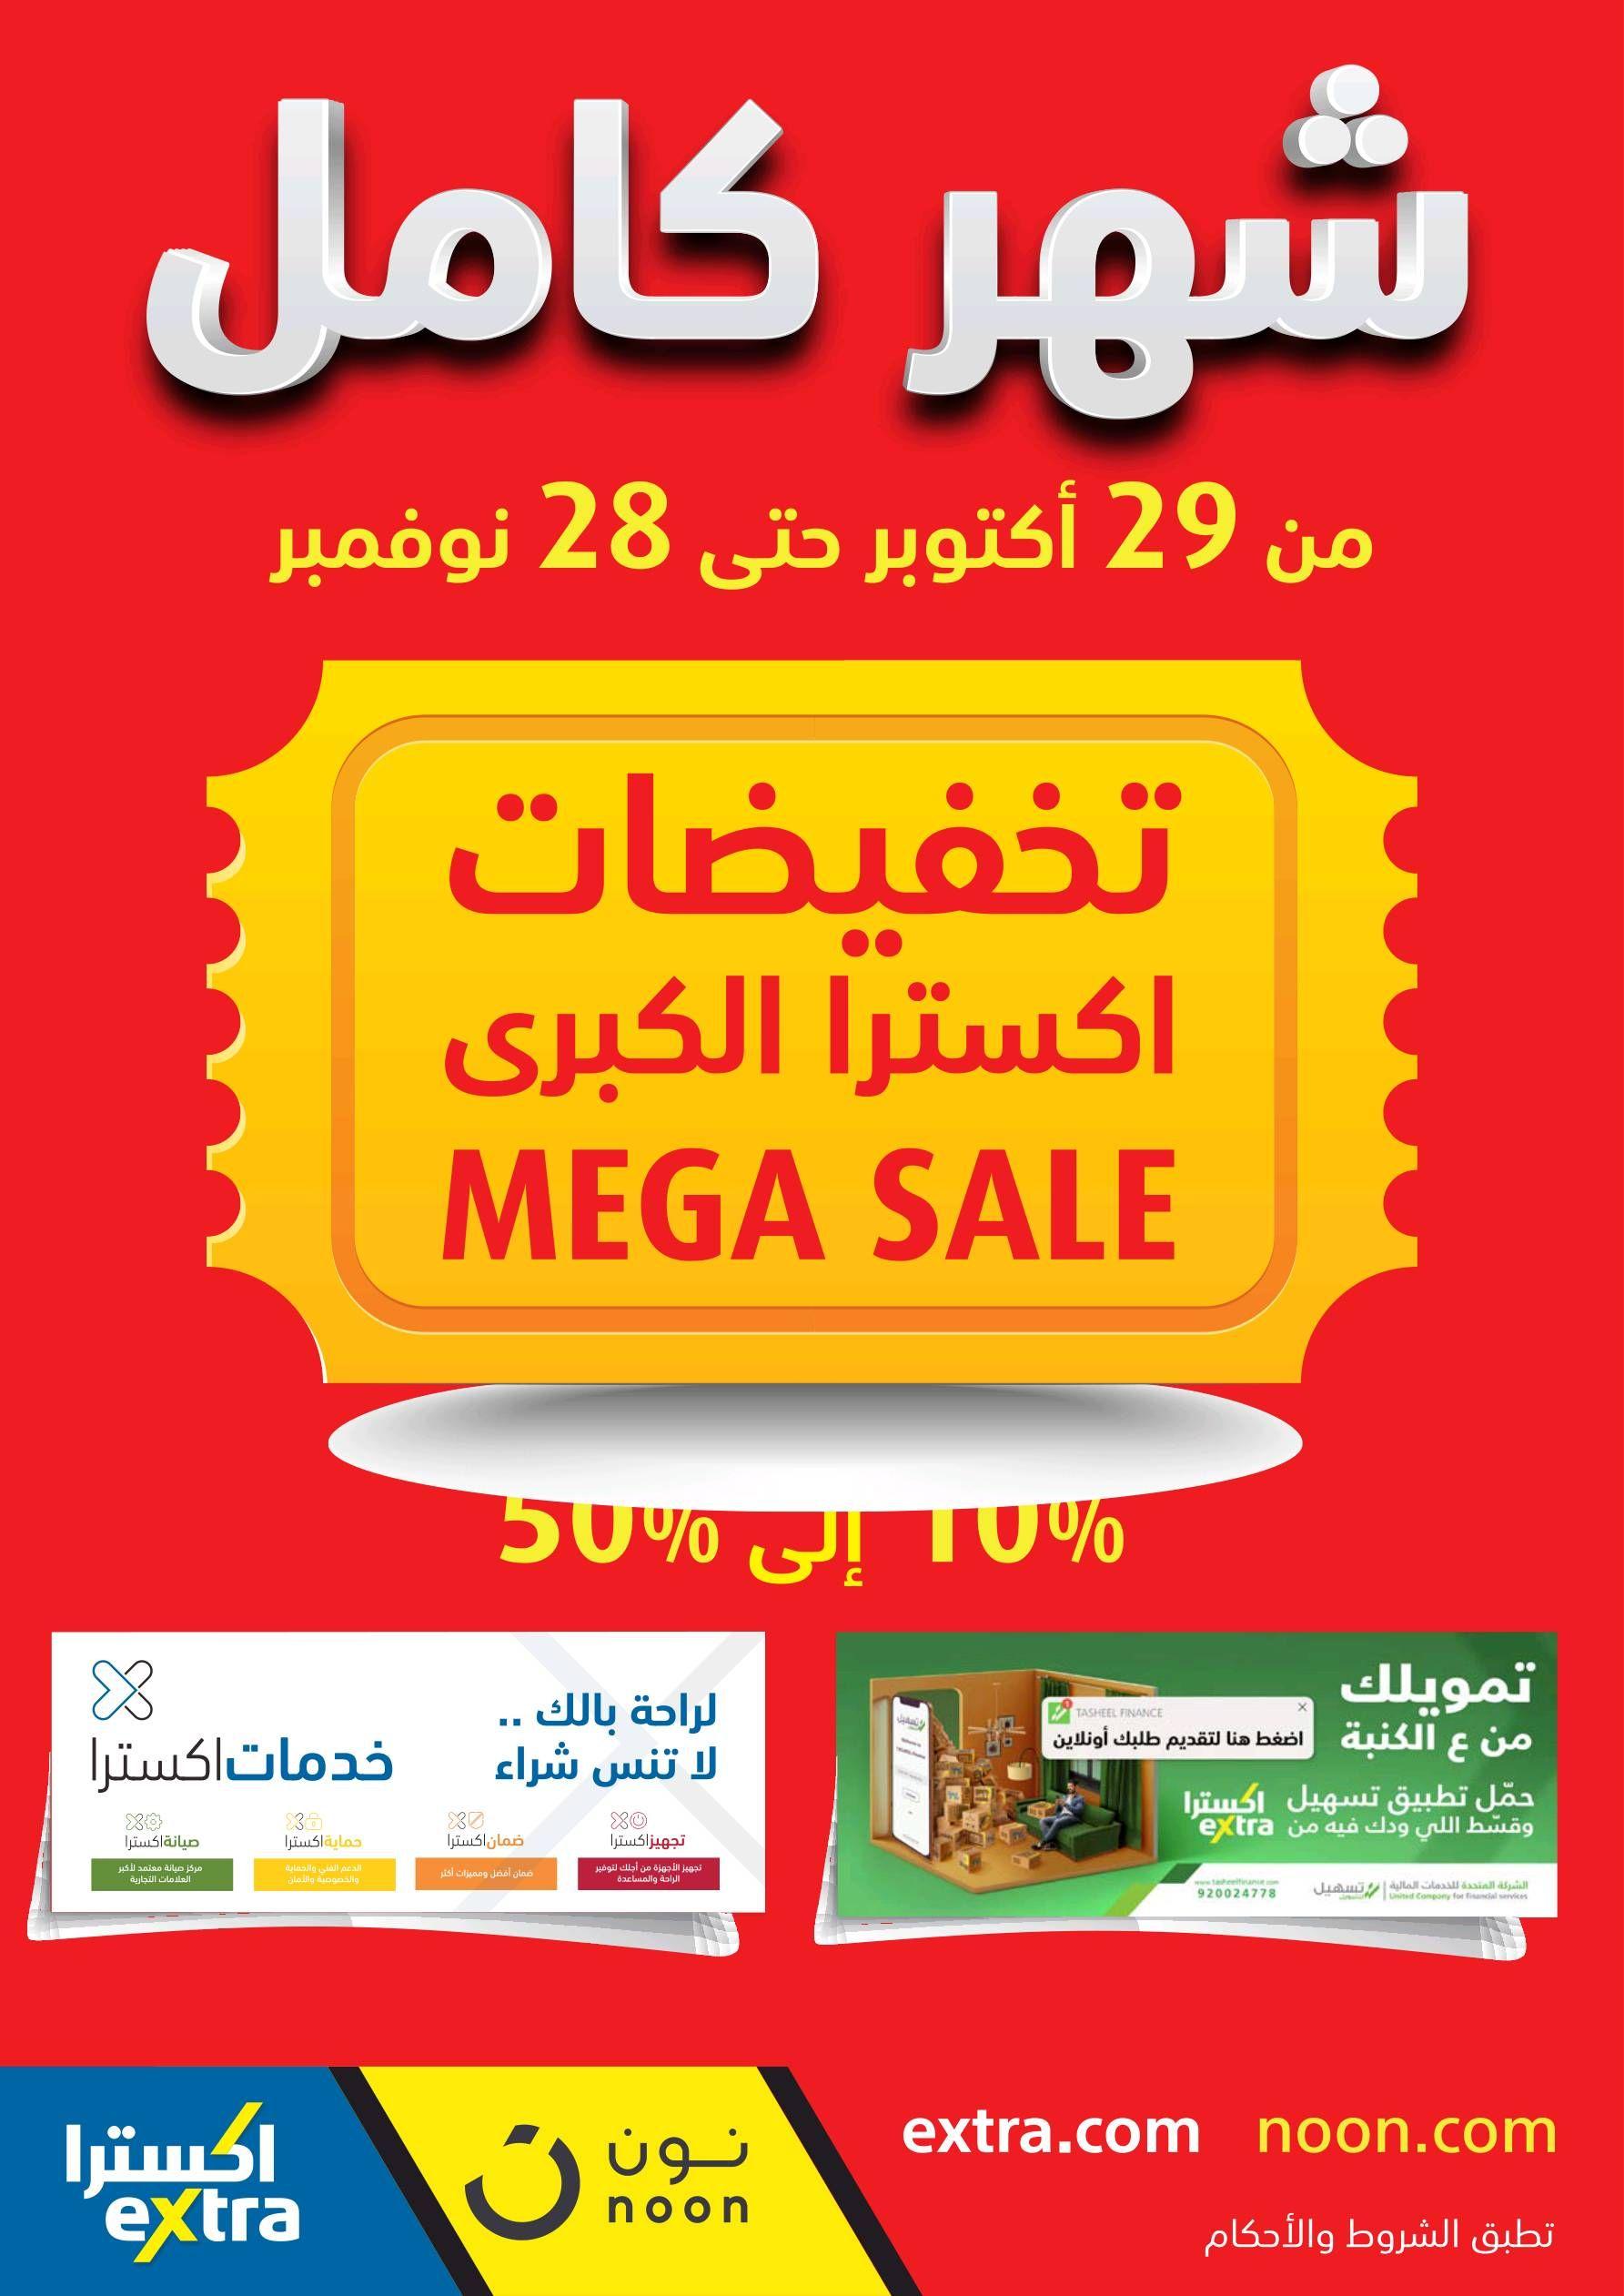 عروض اكسترا التخفيضات الكبرى الميجا سيل Mega Sale اليوم 29 10 2020 Extra Gubi Monopoly Deal